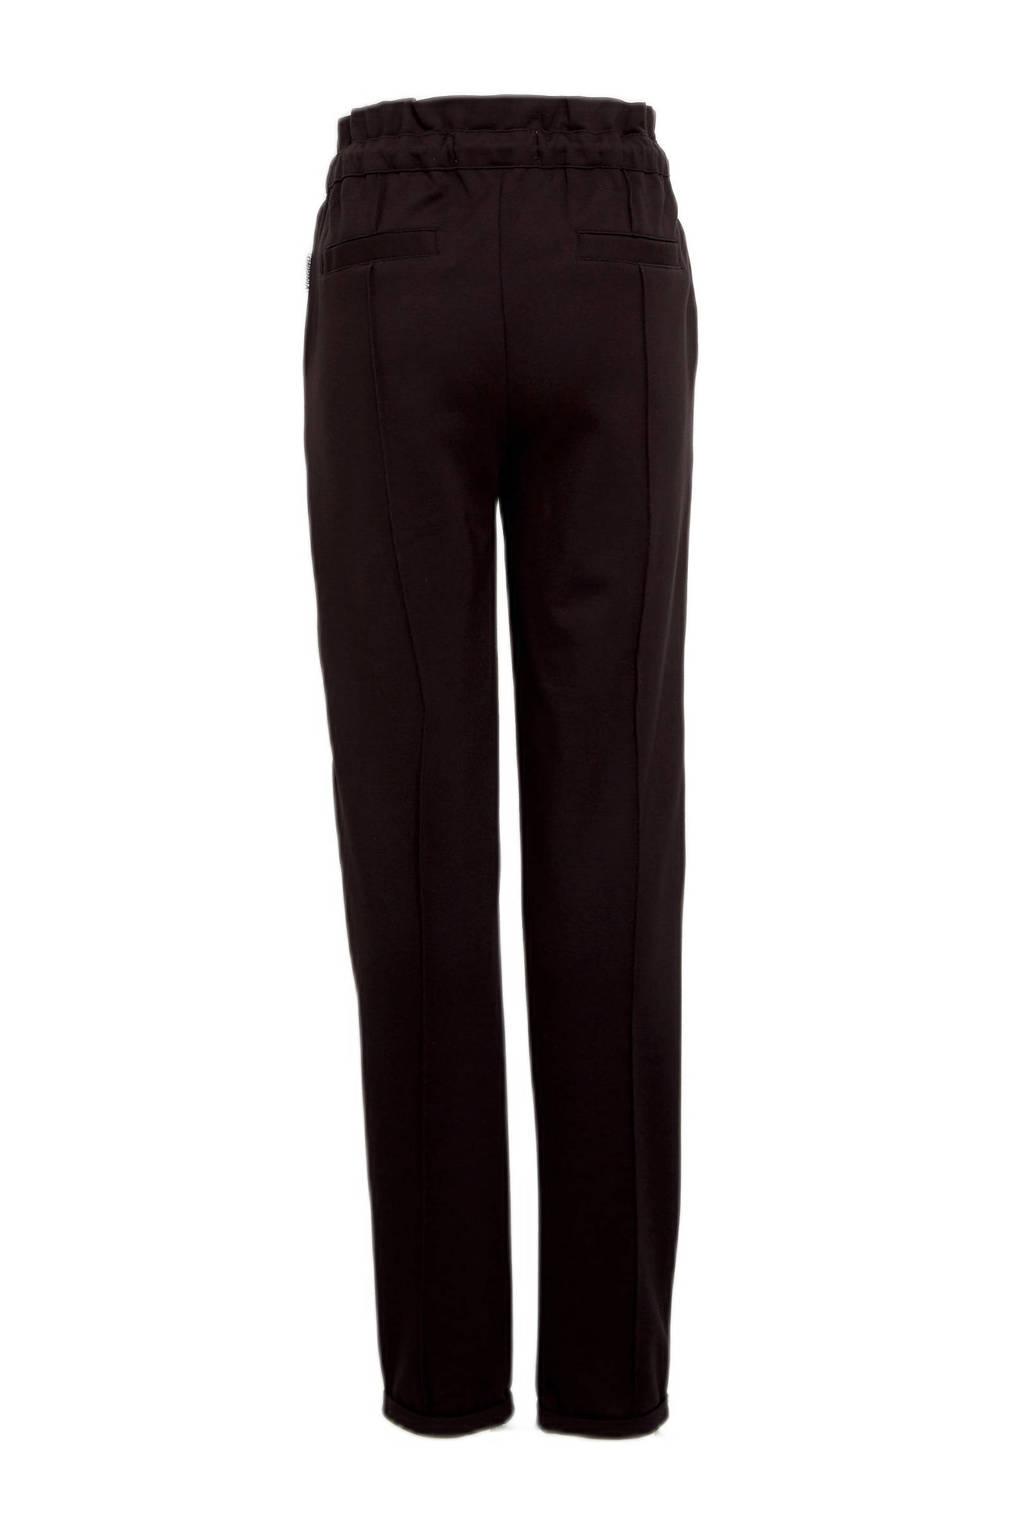 Vingino regular fit broek Siresse met zijstreep zwart, Zwart